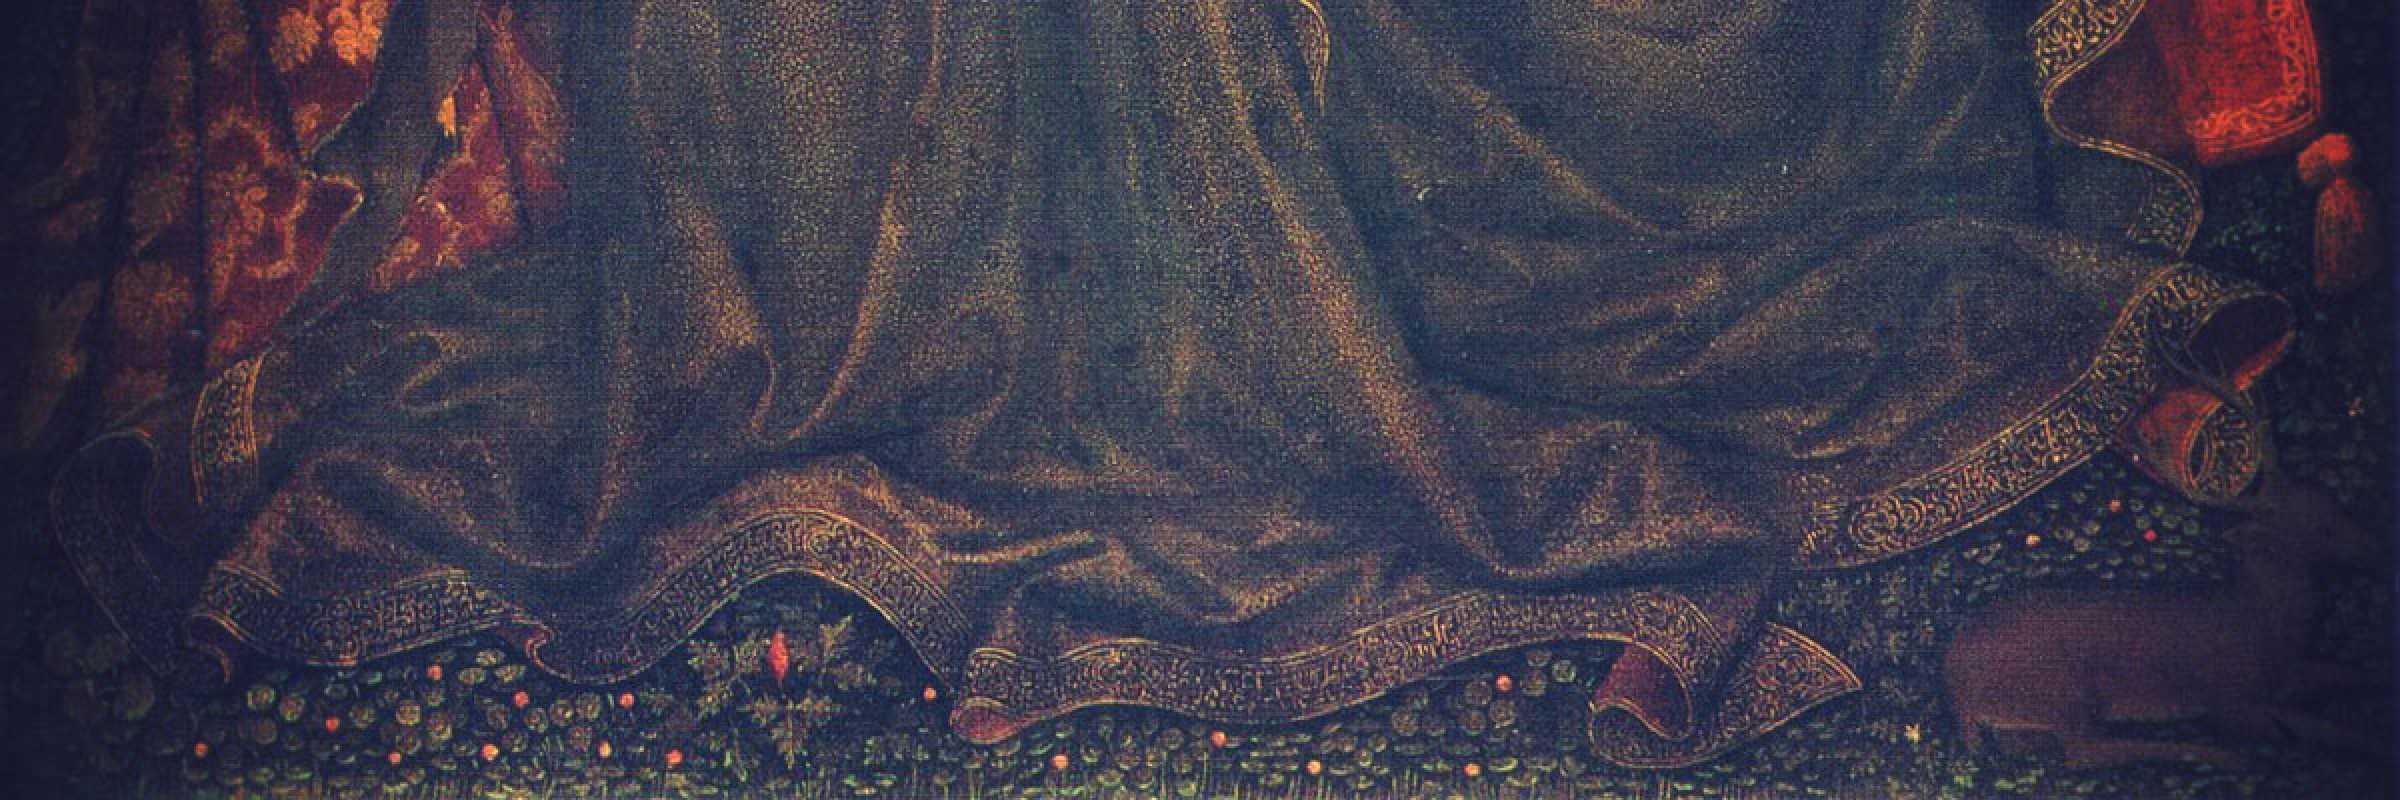 Frammento di un quadro di Jacopo Bellini.